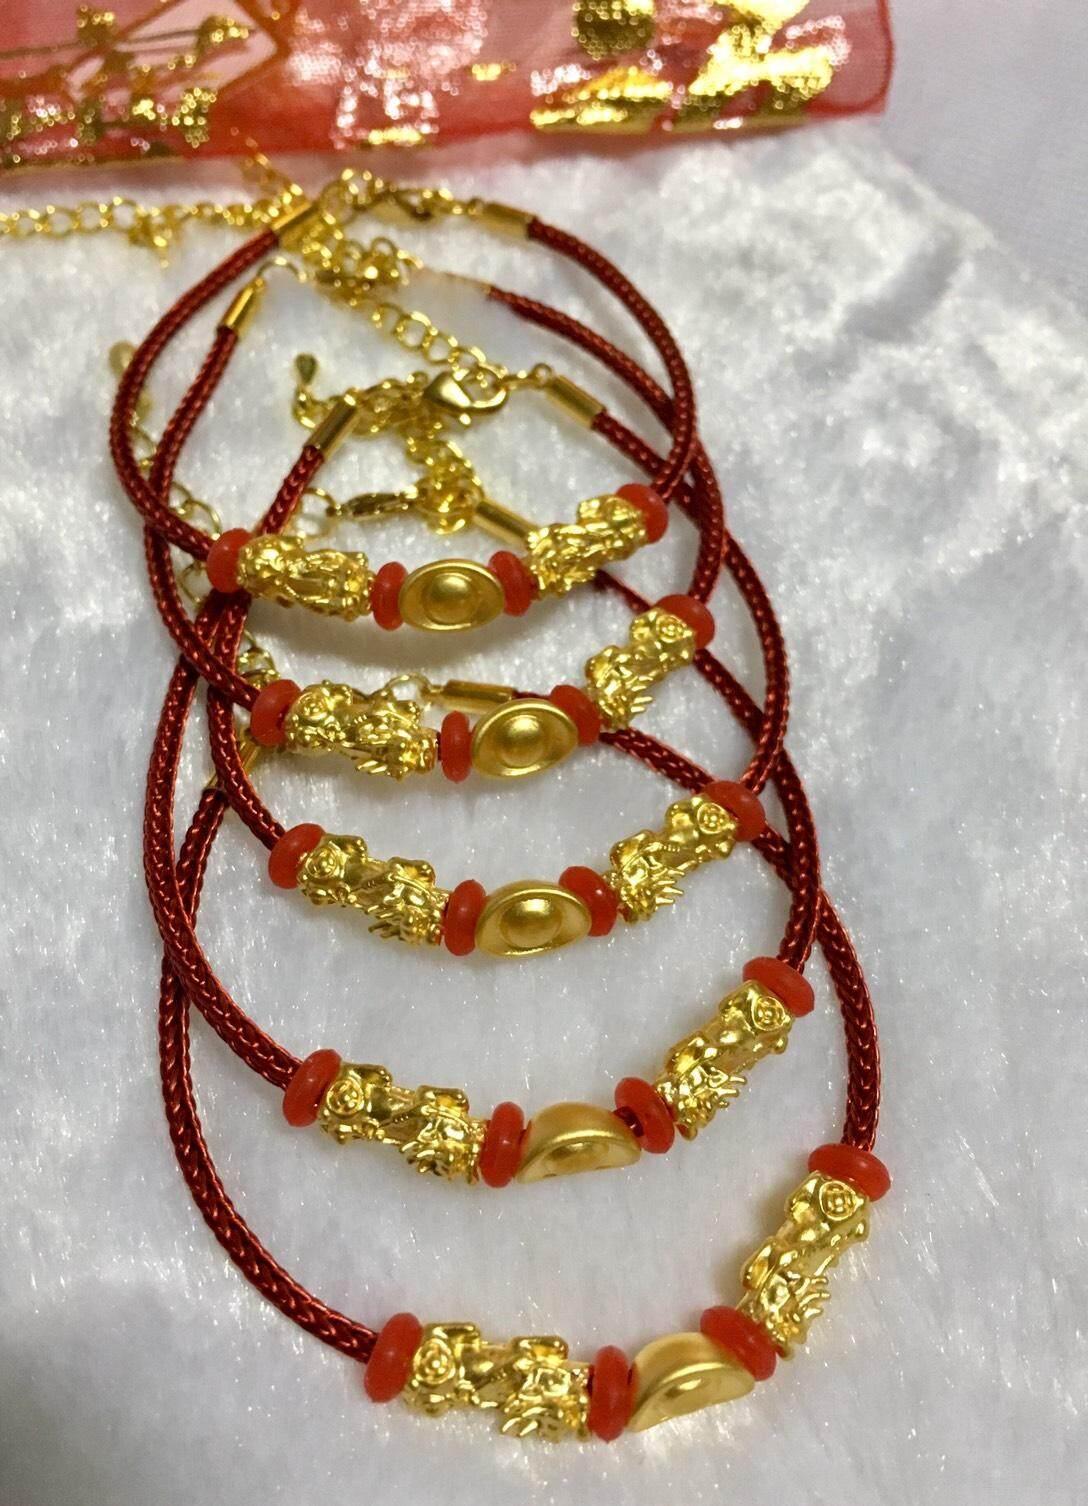 ปี่เซียะคู่ + กิมตุ้งก้อนทอง ทองแท้99.99% เสริมดวงเฮงๆ By Jinda Gold.